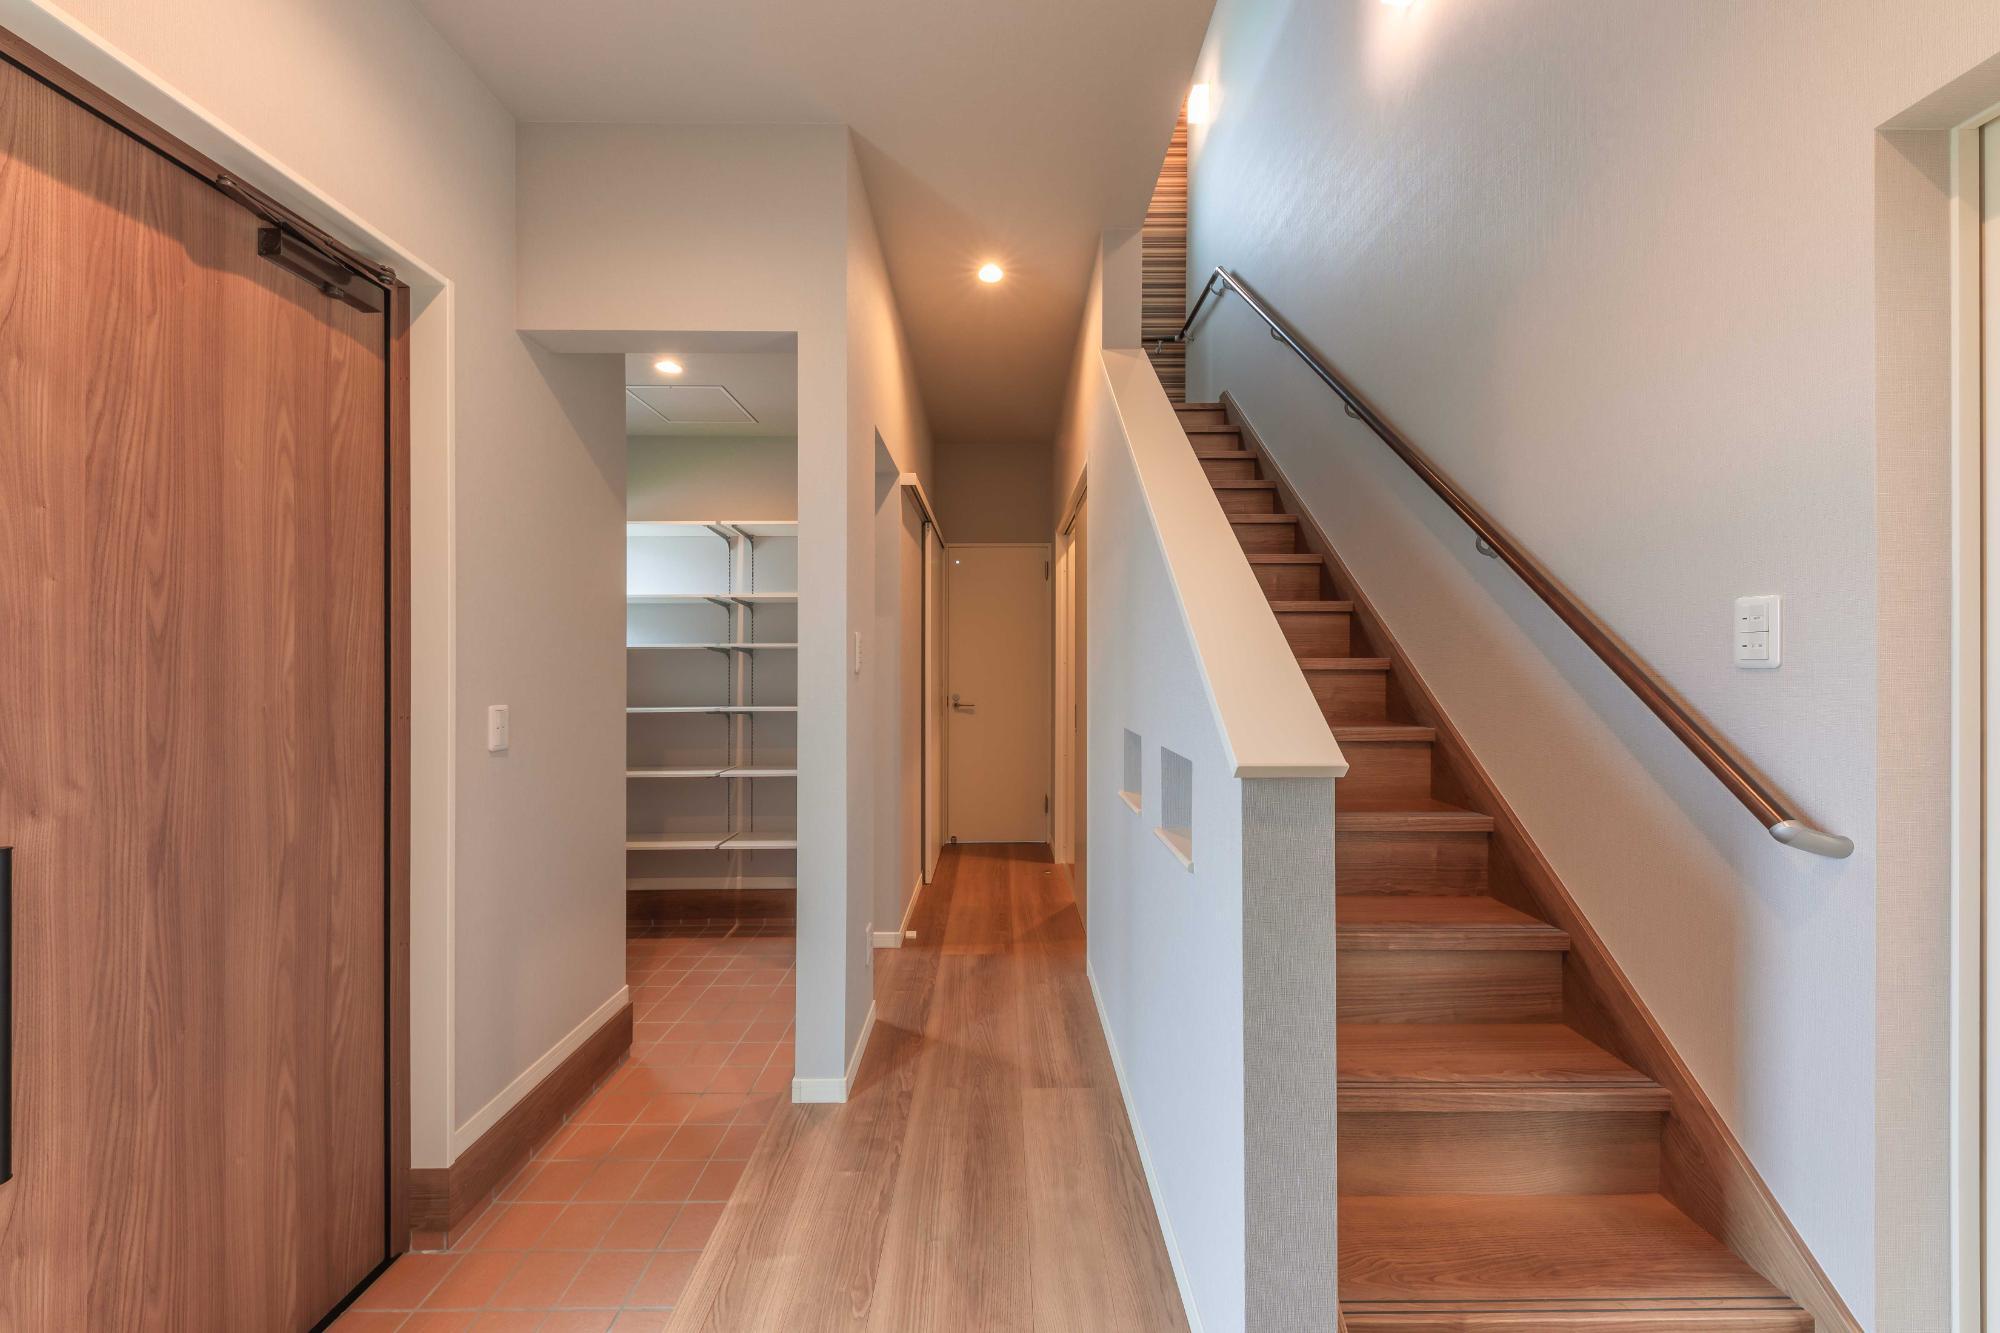 ロクワの家【株式会社 小野組 ライフビルダーグループ】「住むを大切に考えた家」のシンプル・ナチュラルな廊下の実例写真